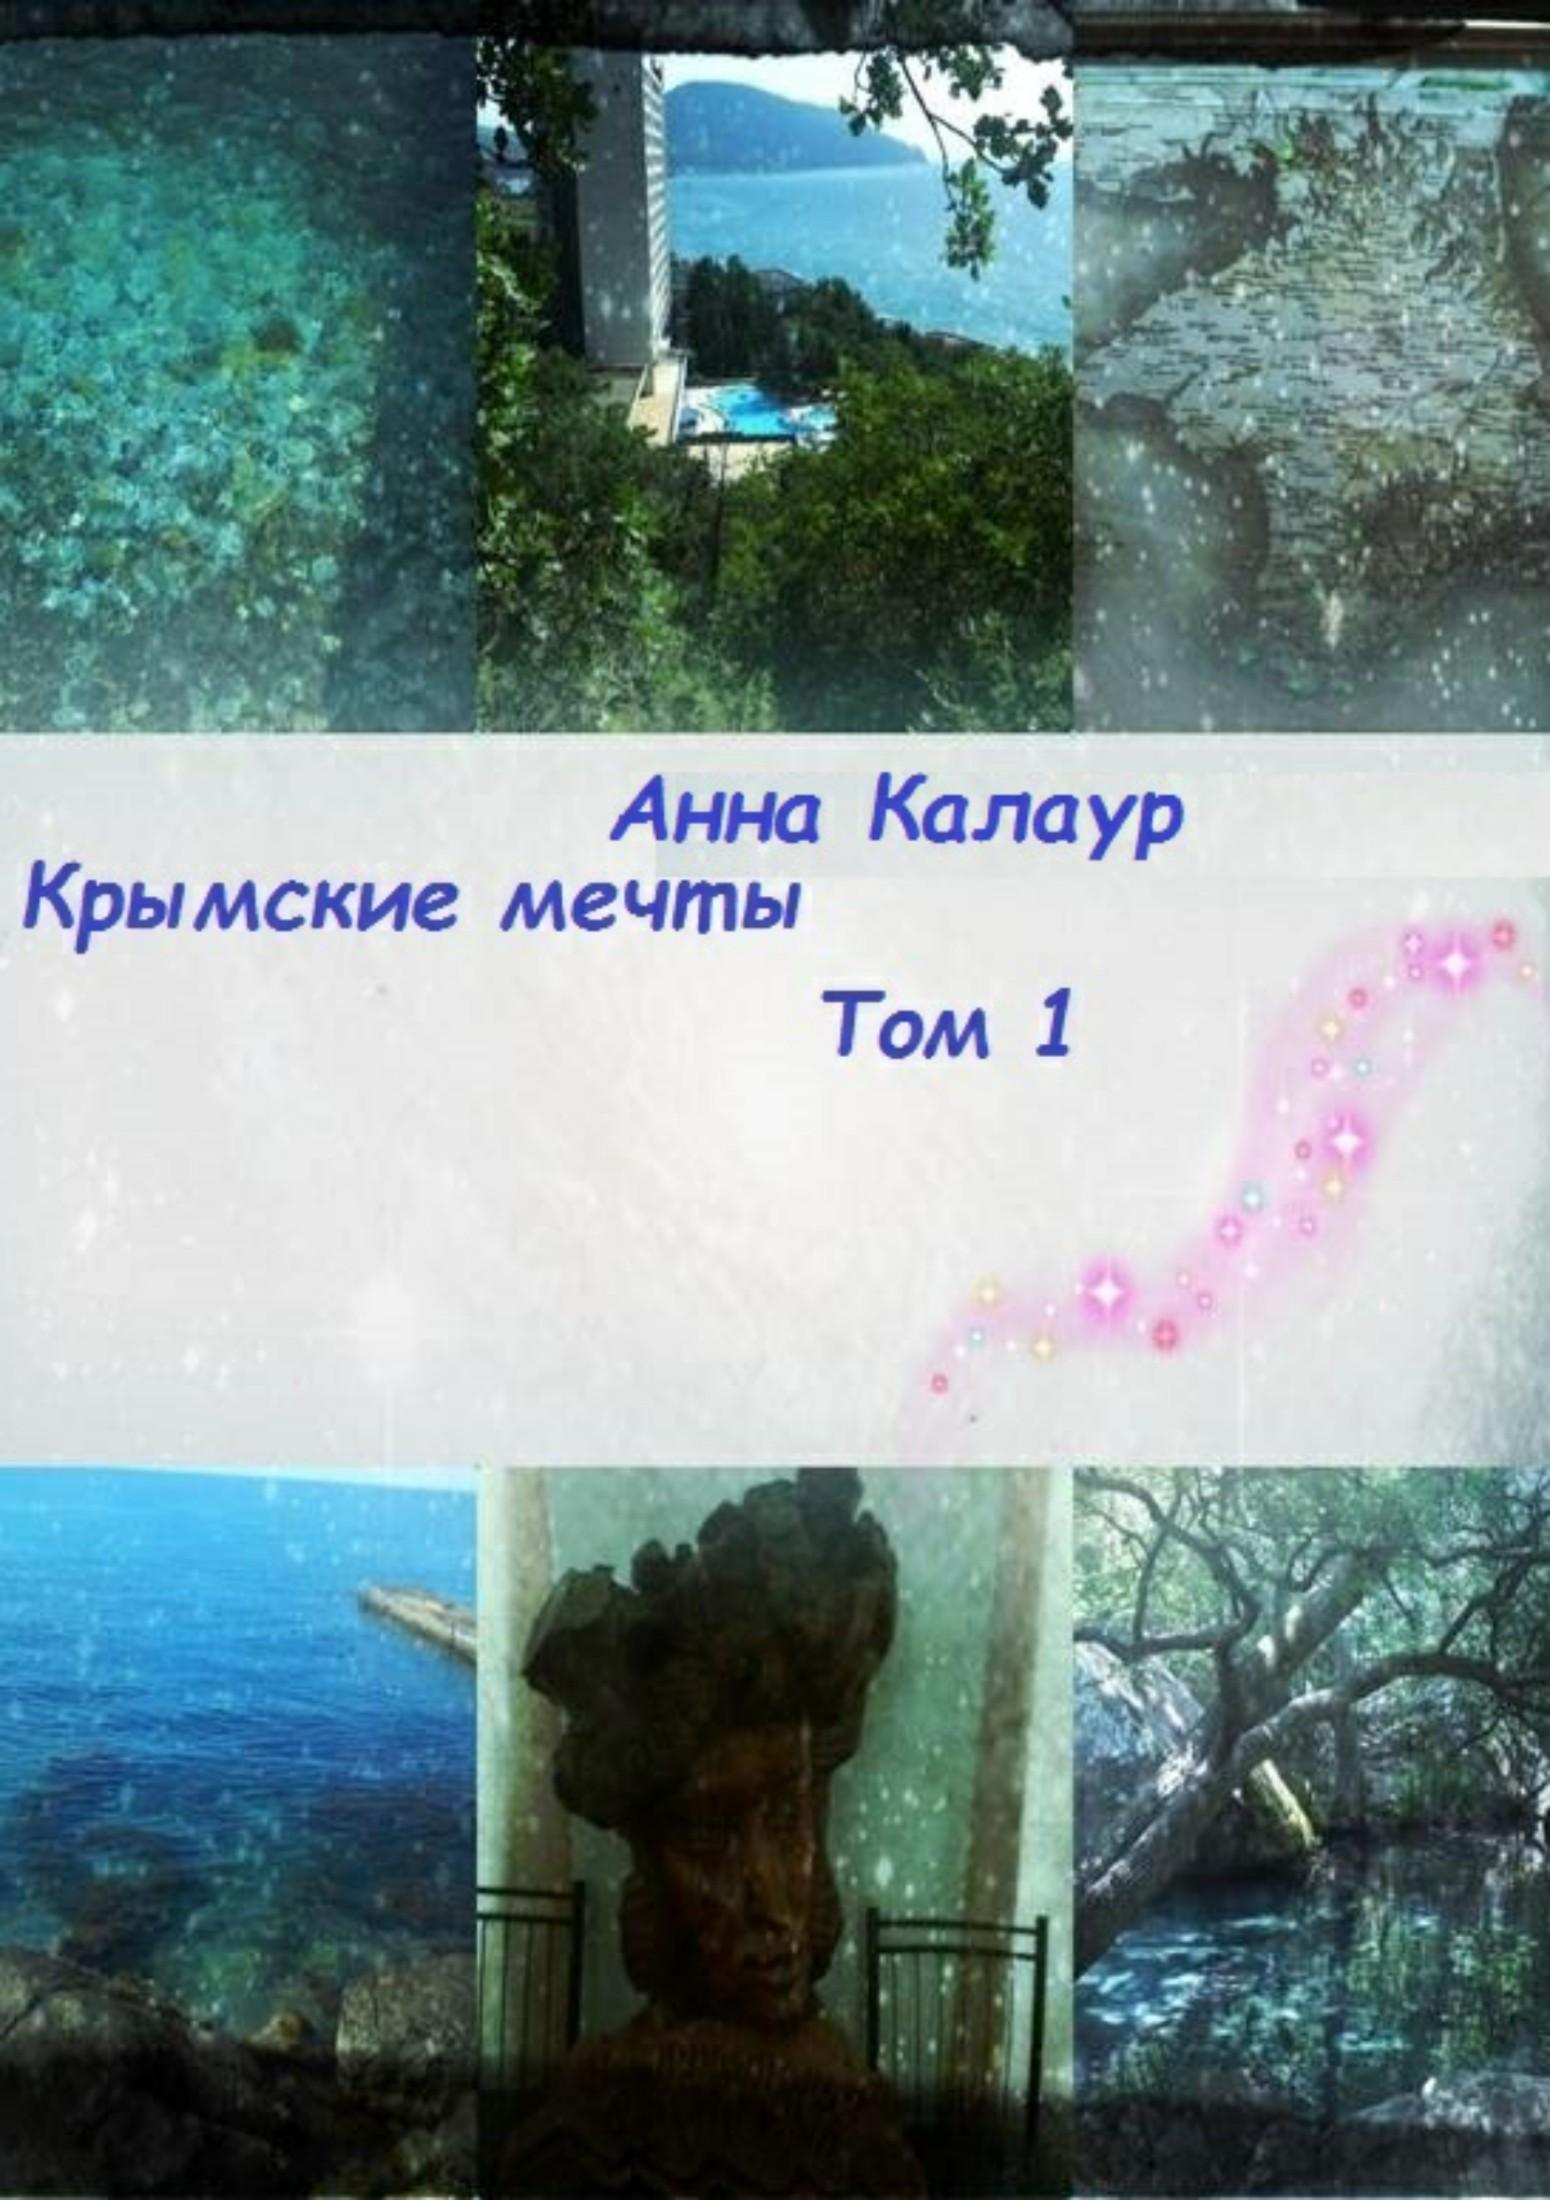 Анна Калаур Крымские мечты. Том 1 мотолодка крым в хабаровске